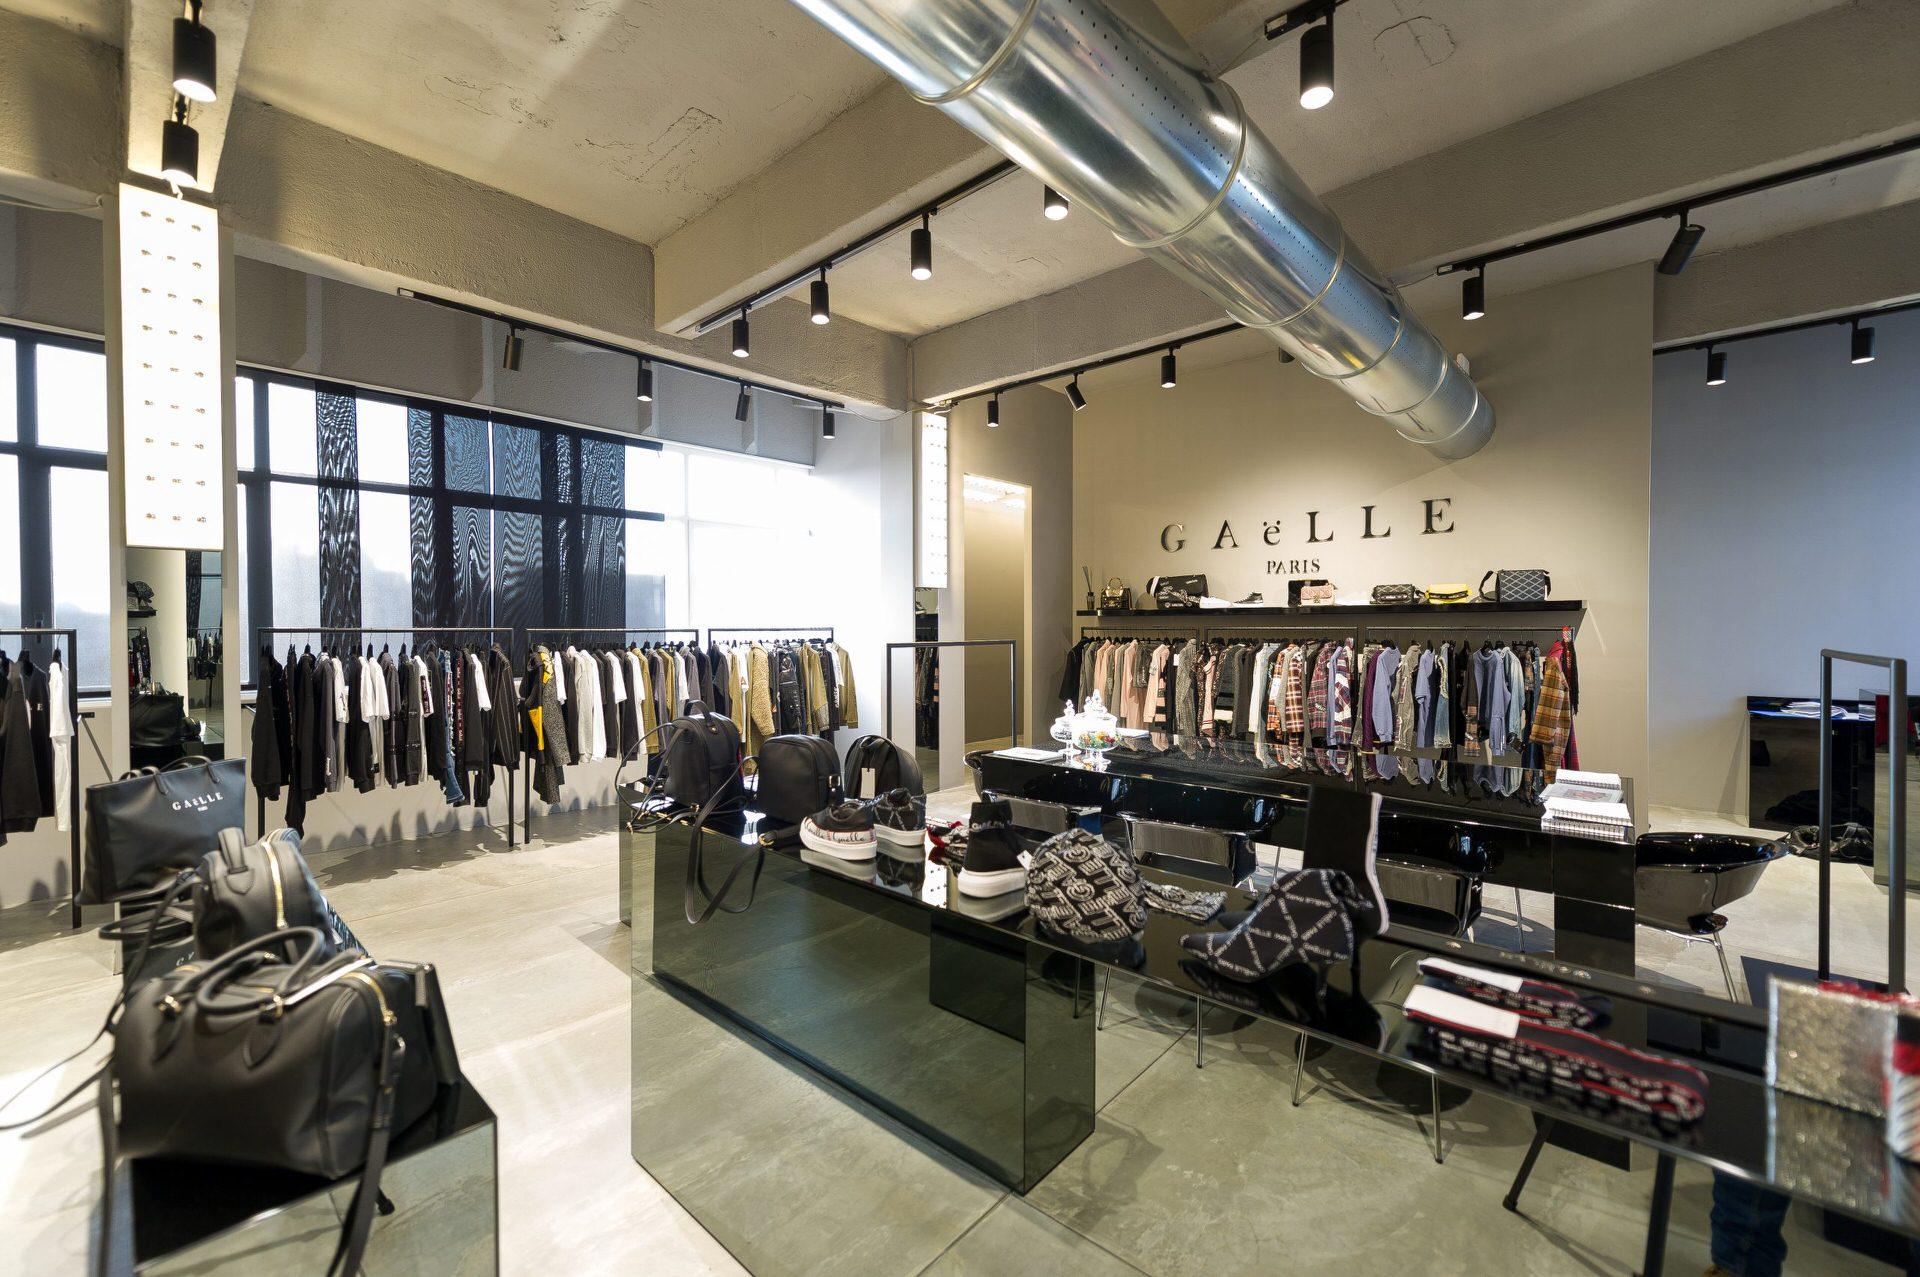 fotografie professionali showroom abbigliamento